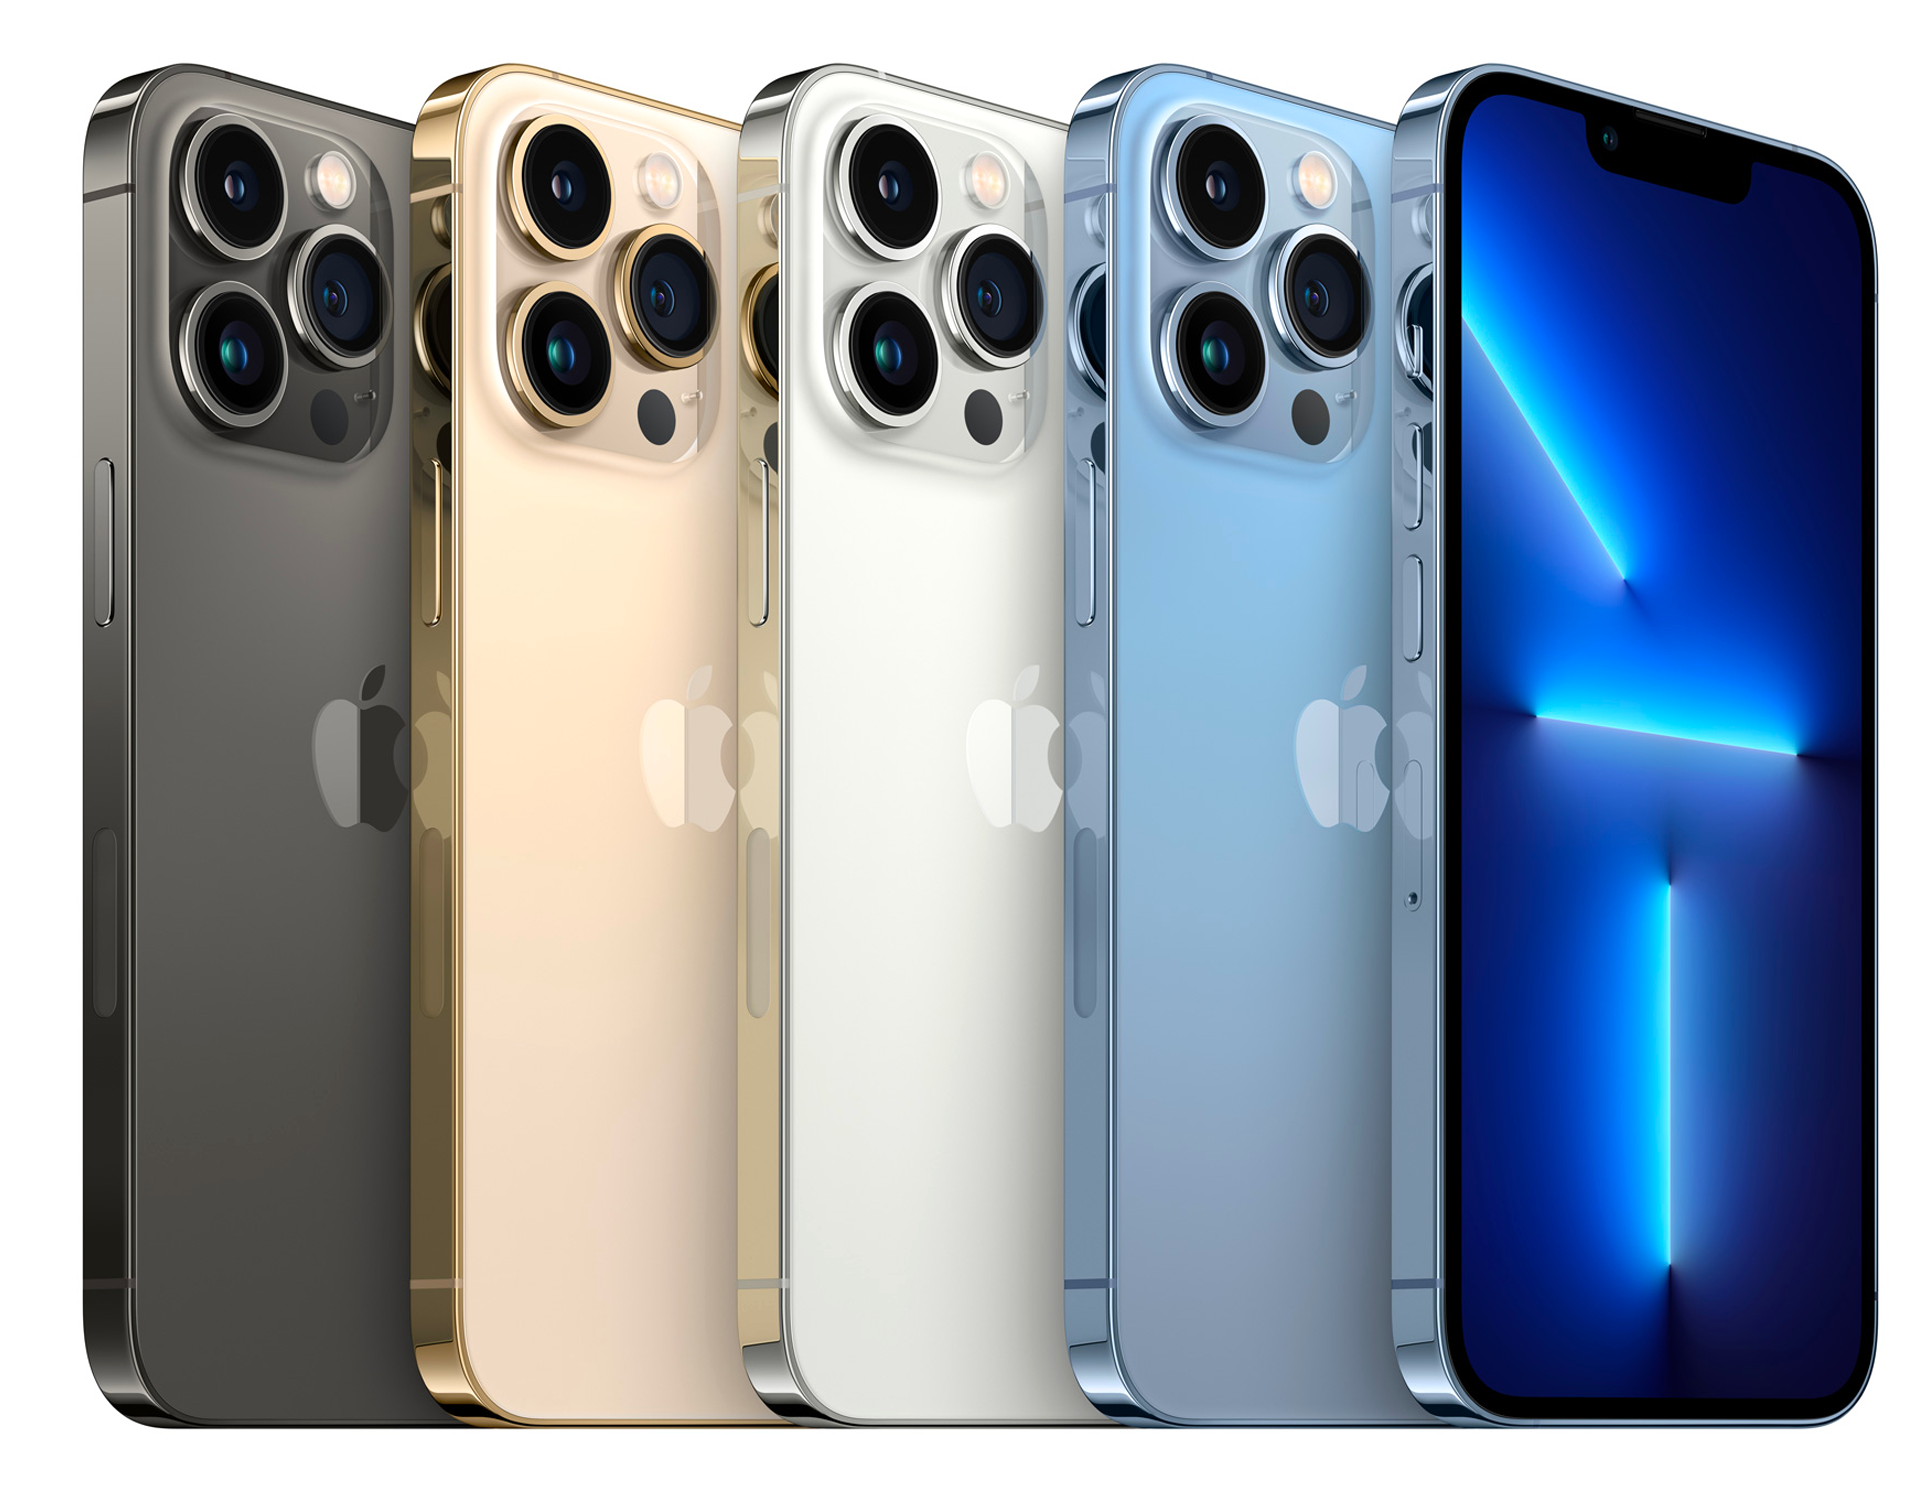 Nouveau • Lancement de la gamme iPhone 13 avec quatre modèles